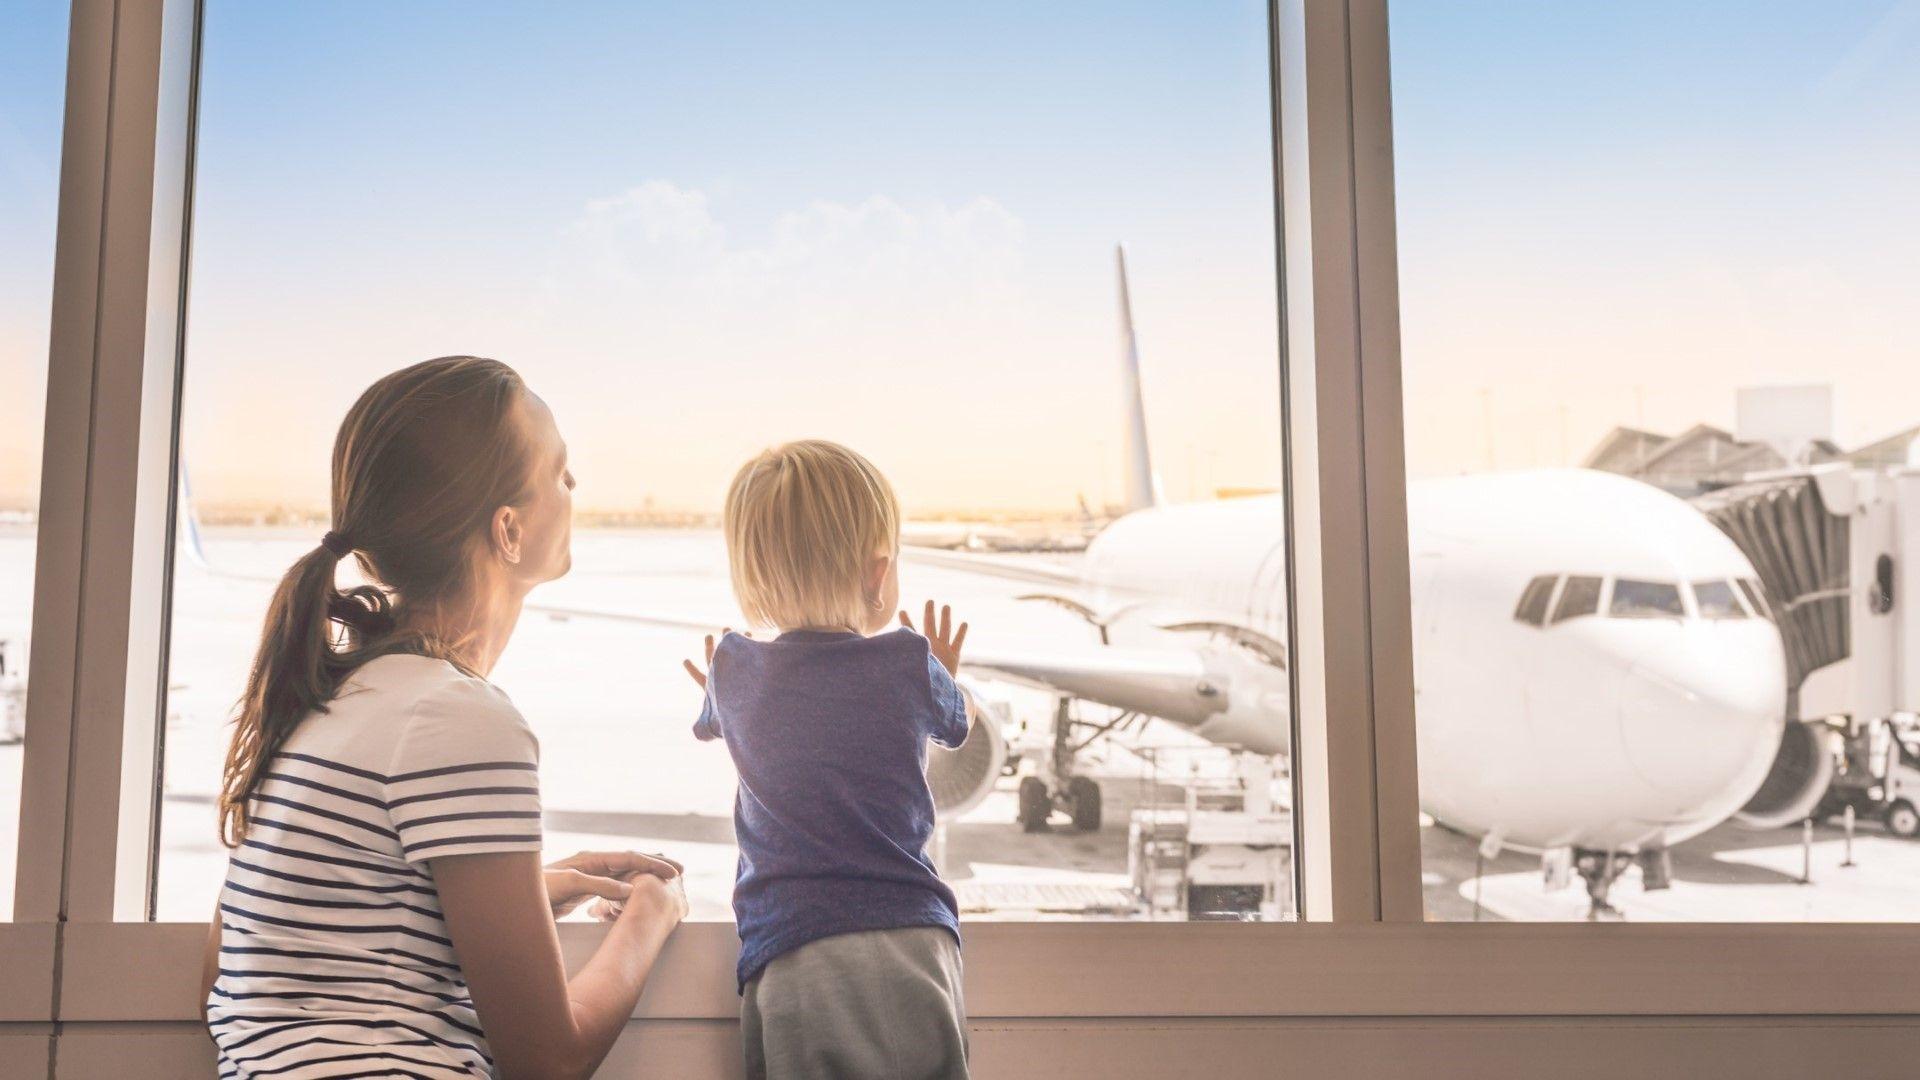 Има ли смисъл да пътувате с деца под 3 години?